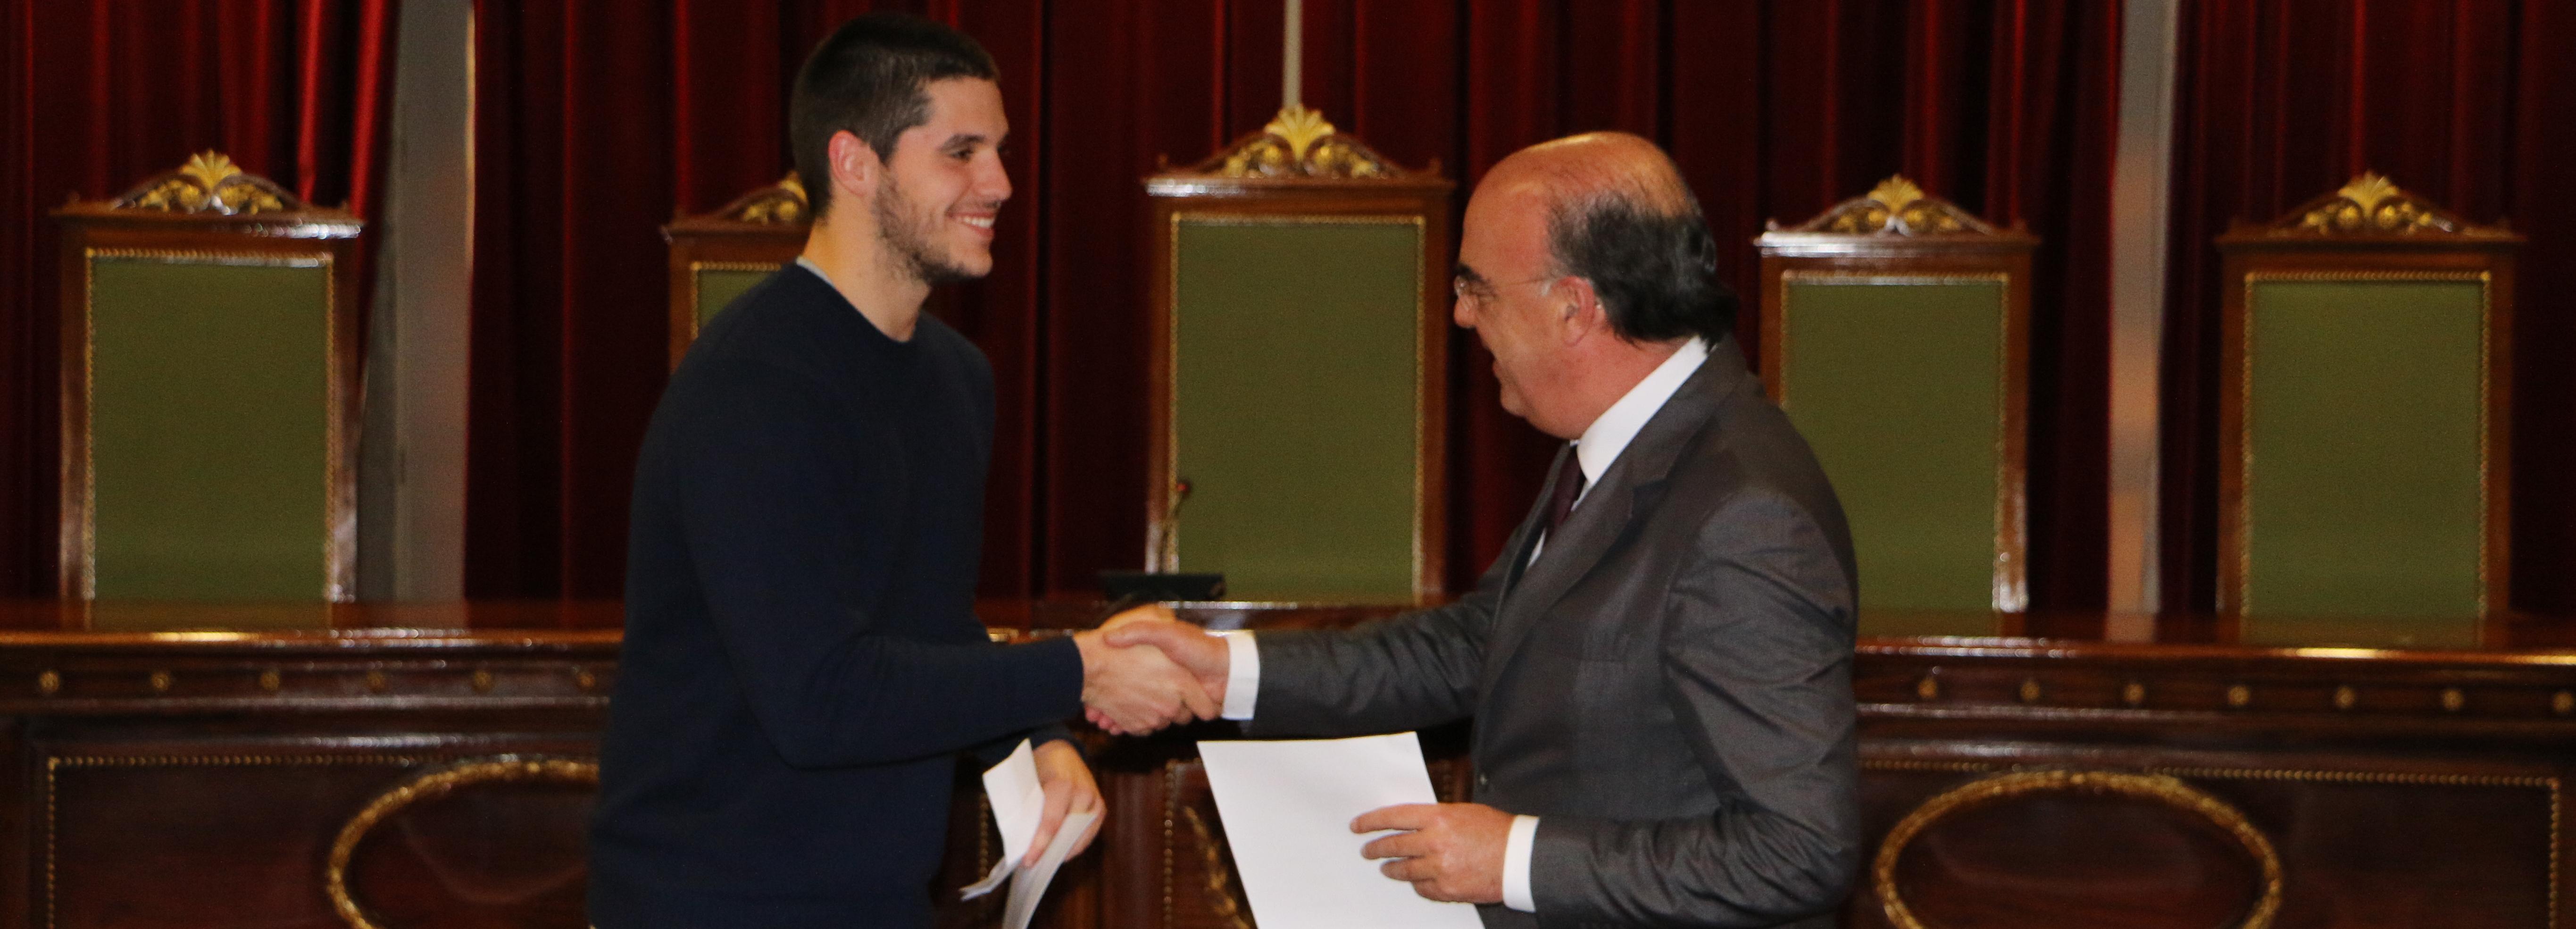 Presidente da Câmara assinou contratos de desenvolvimento desportivo no valor de 160 mil euros